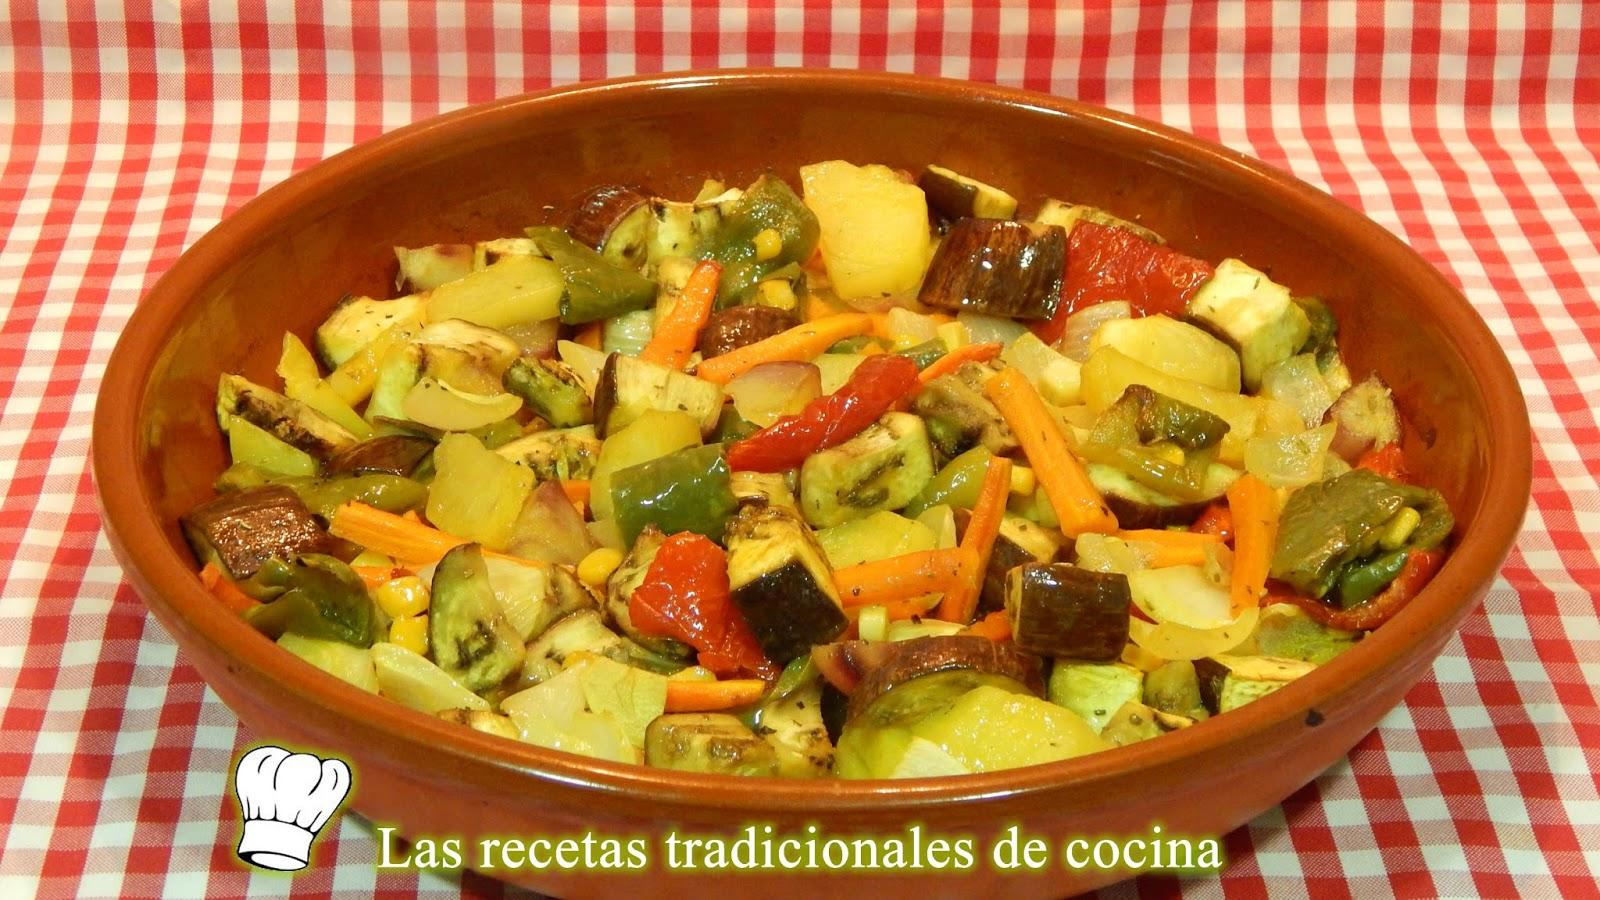 Receta de verduras al horno con especias recetas de - Recets de cocina ...